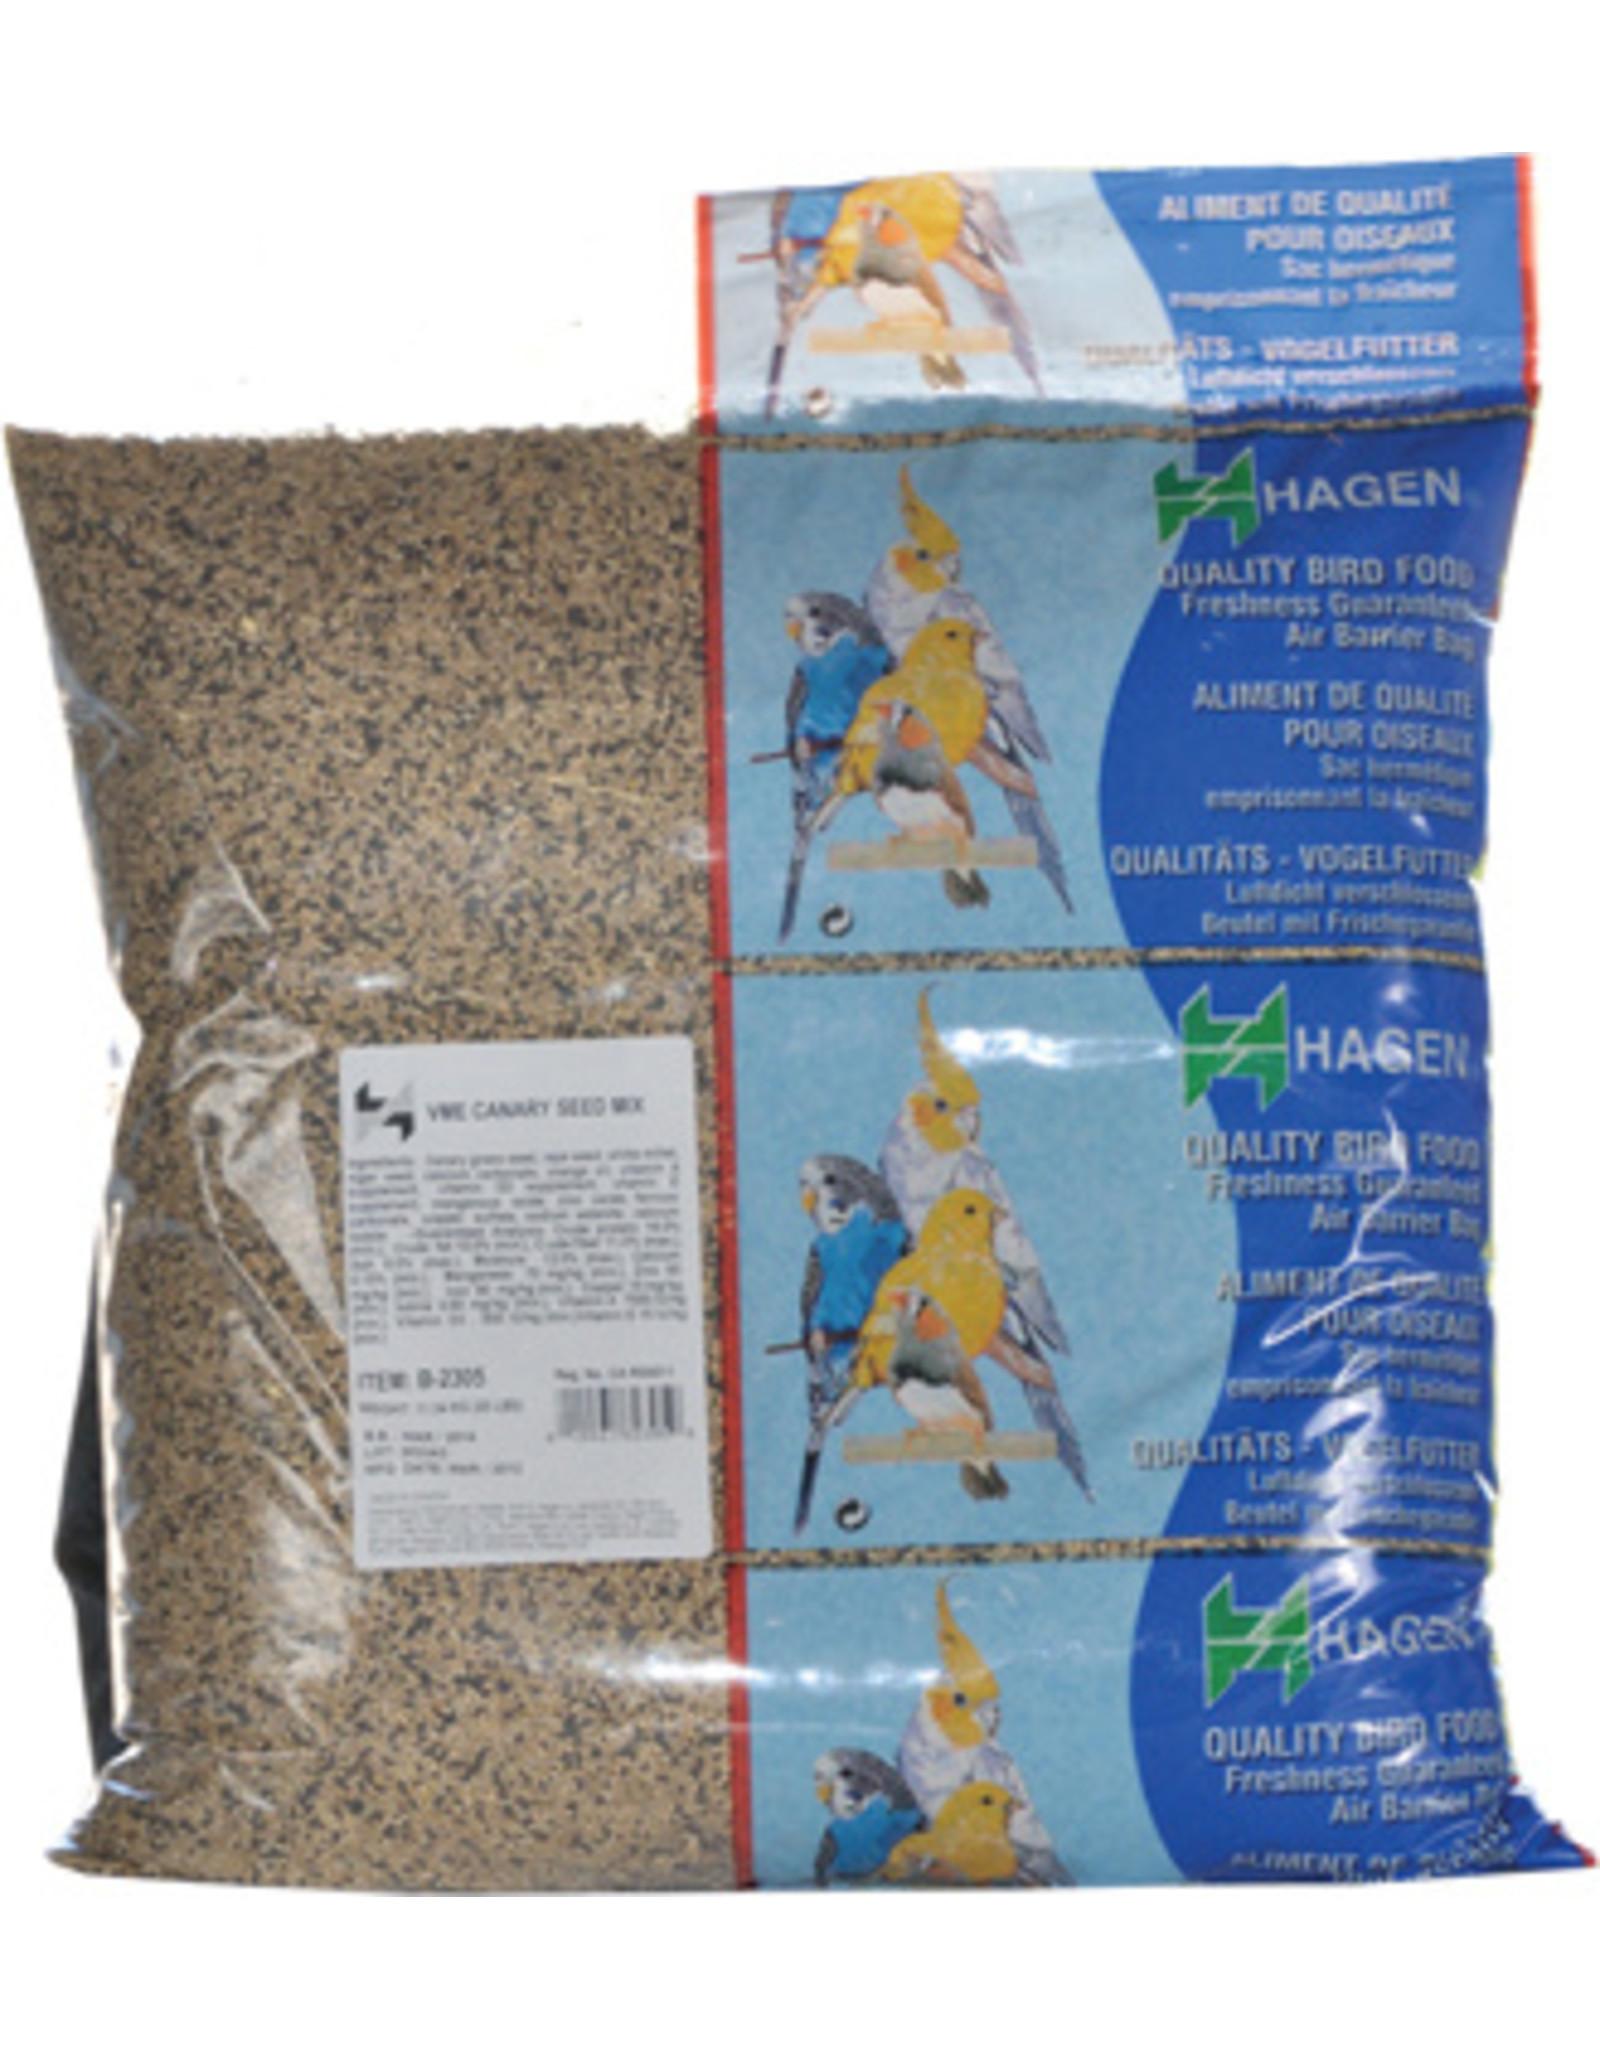 HG - Hagen Hagen Canary Staple VME Seed